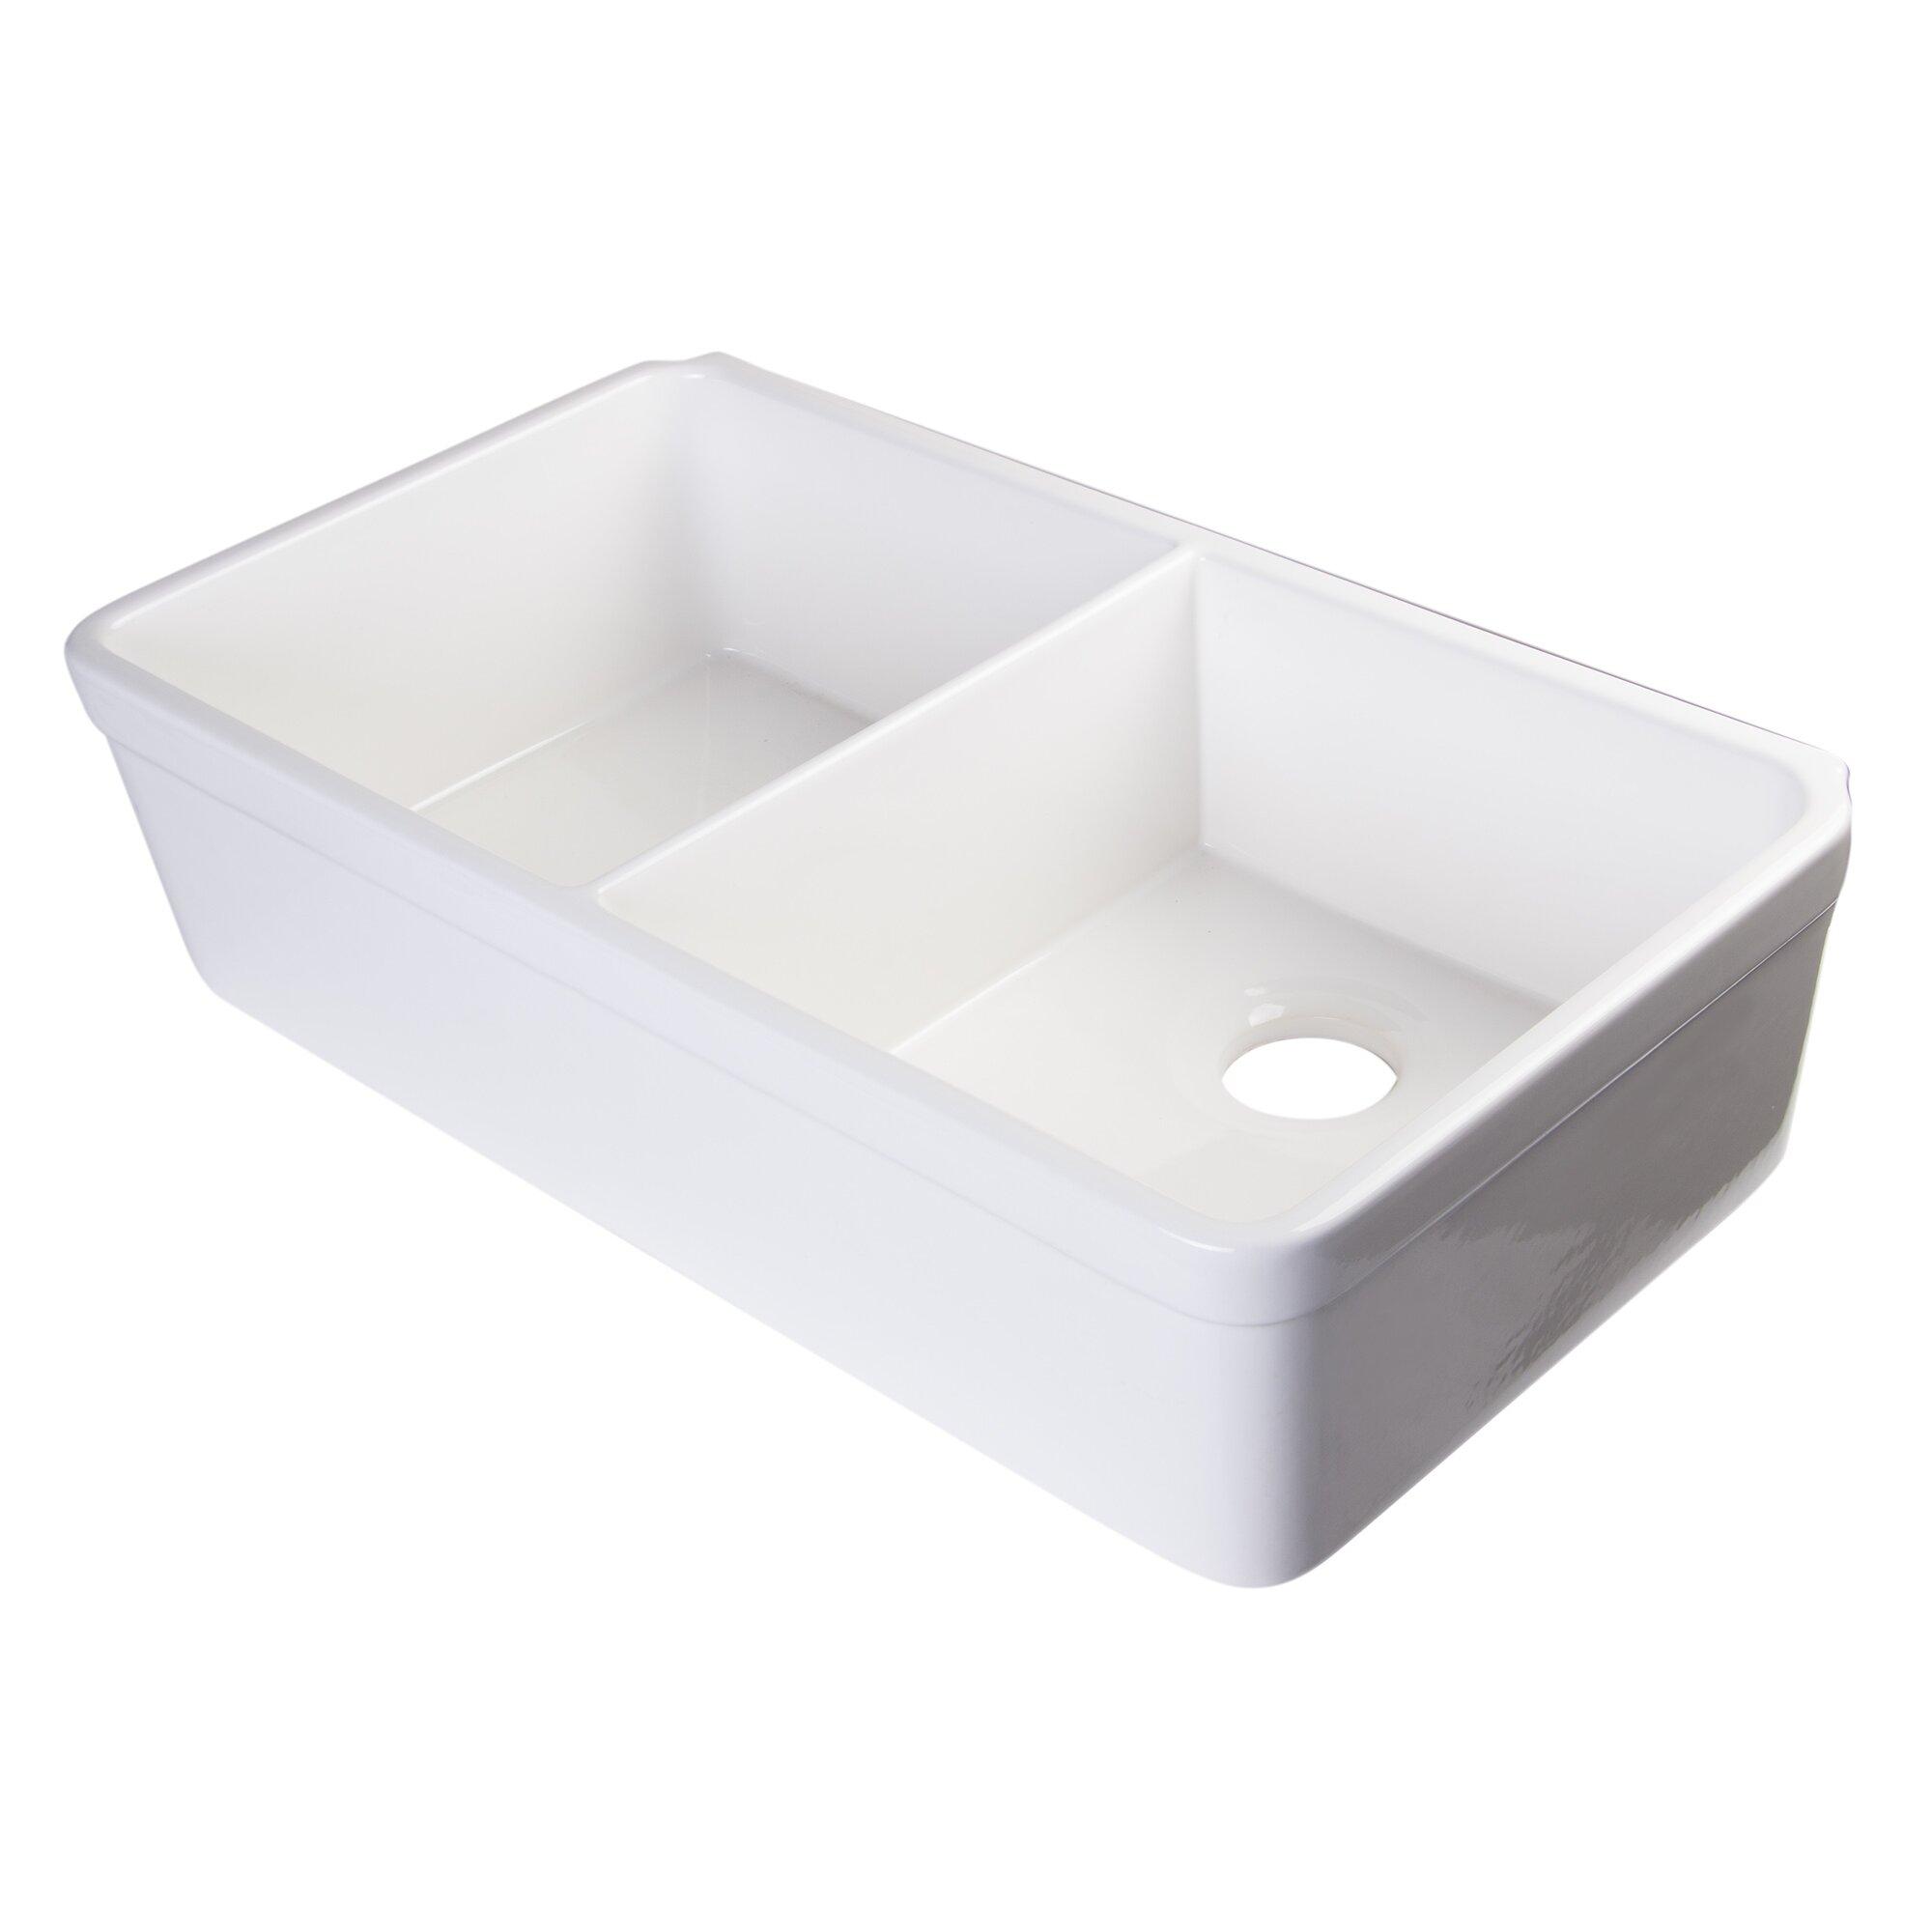 32 x 1775 double bowl farmhouse kitchen sink - Kitchen Sink Double